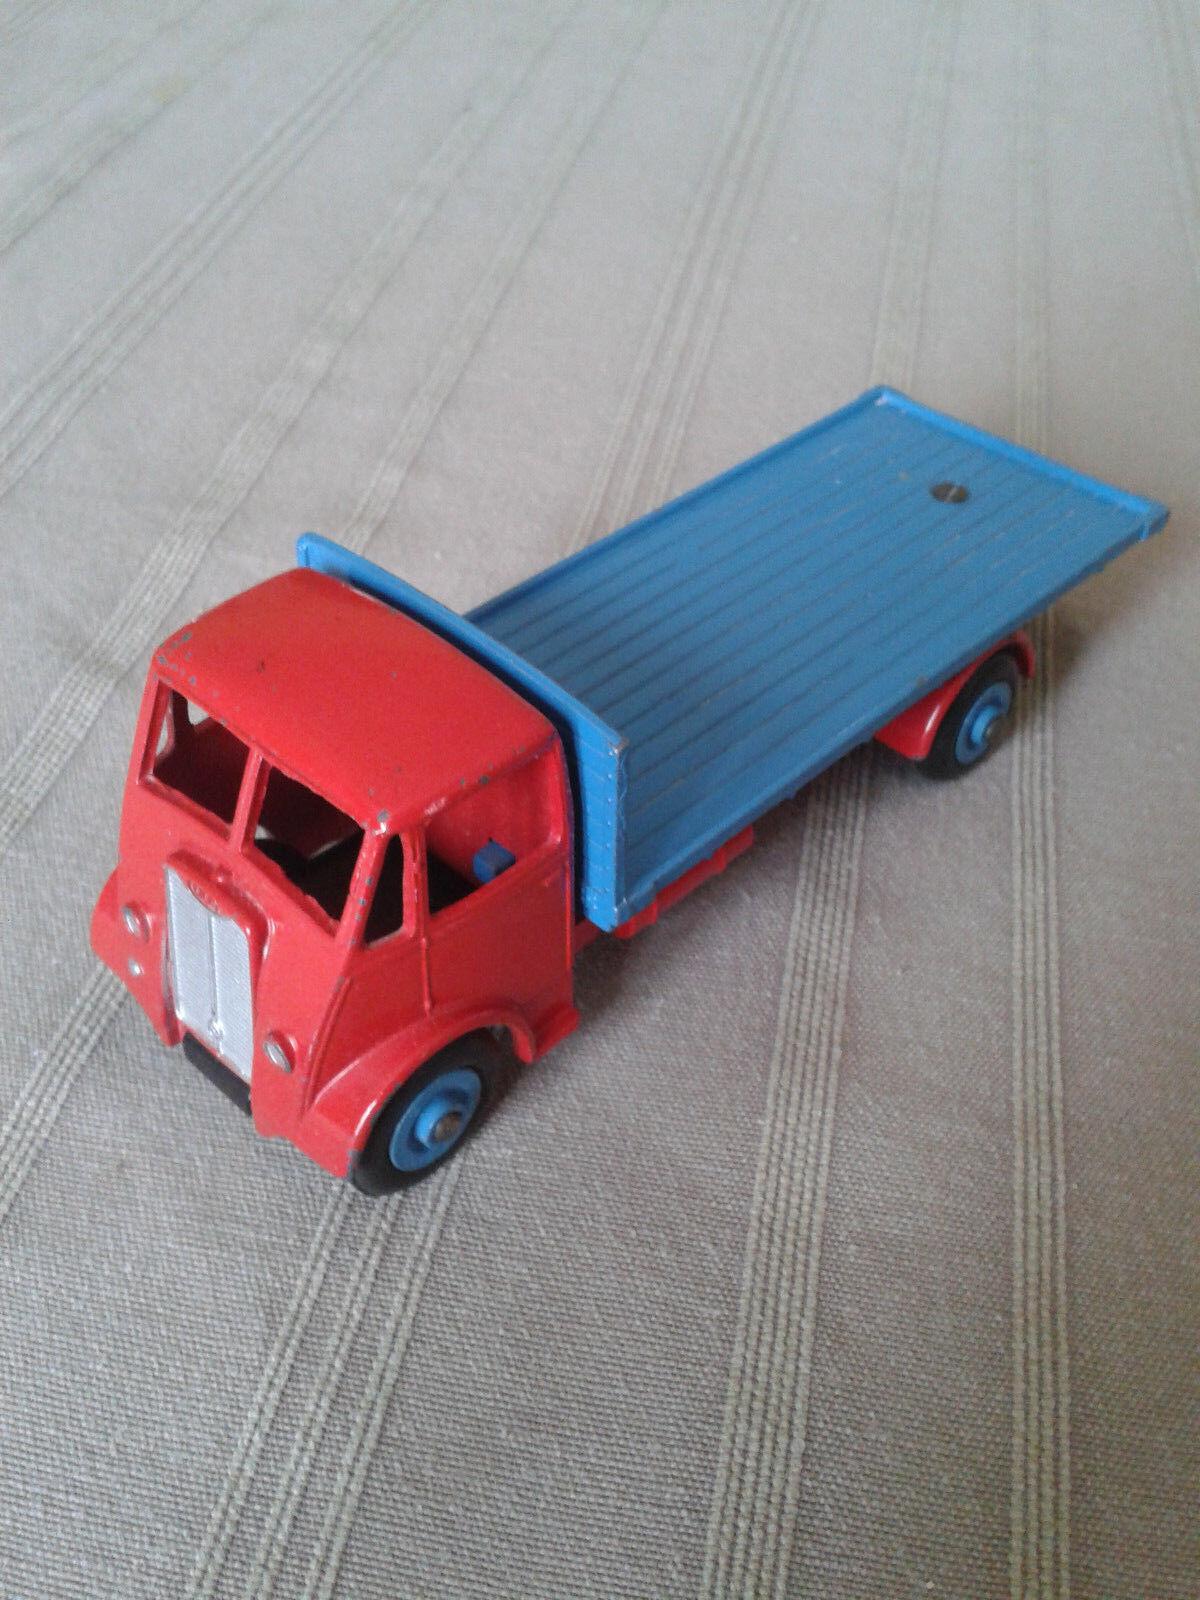 La nuit nuit nuit du carnaval de Noël est plus excitante Dinky toys 512 Guy Flat Truck 1947 rare colour version | Nouveau Produit  e18b91